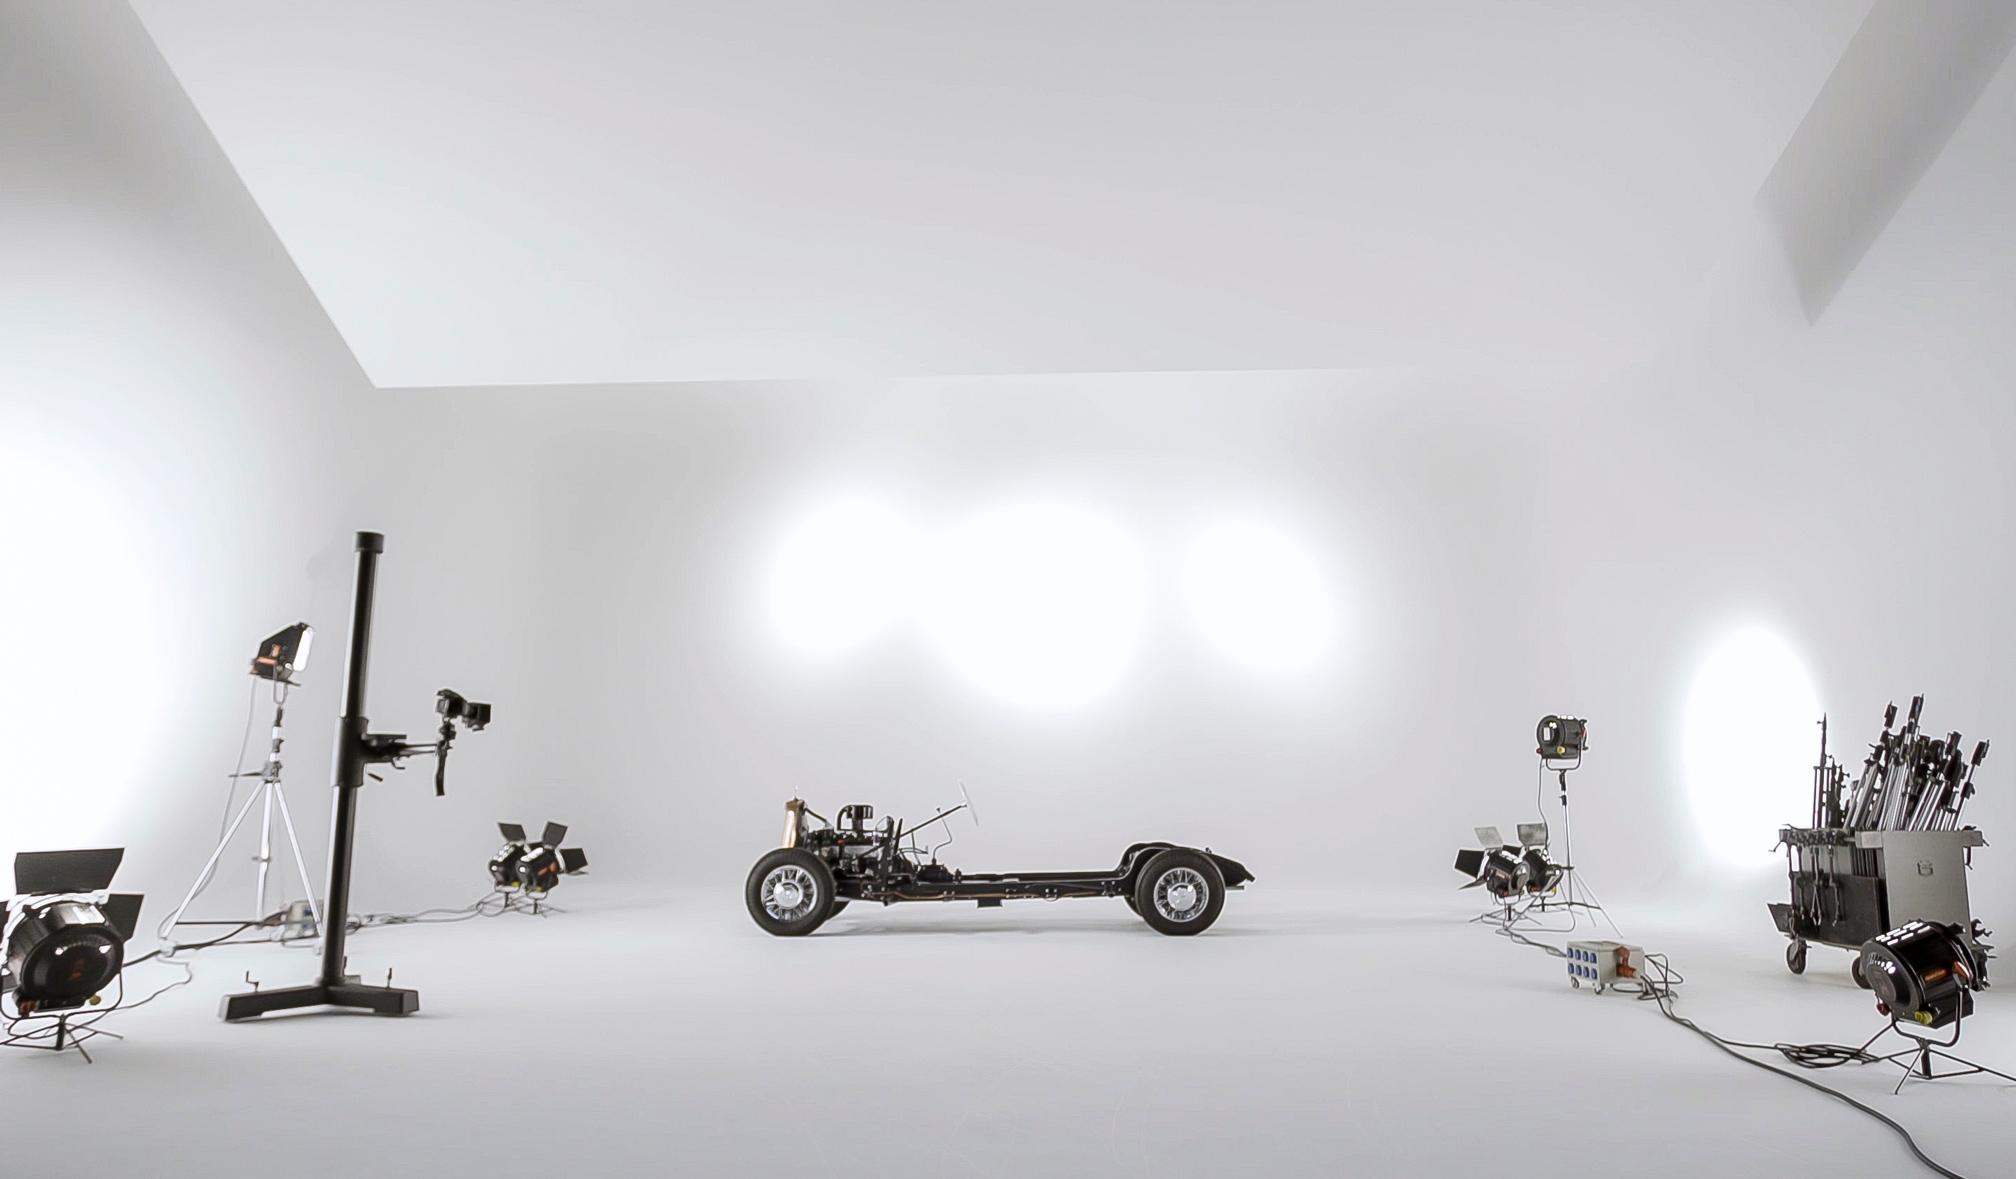 Großes Fotostudio mit Equipment und einem Chassis in der Mitte